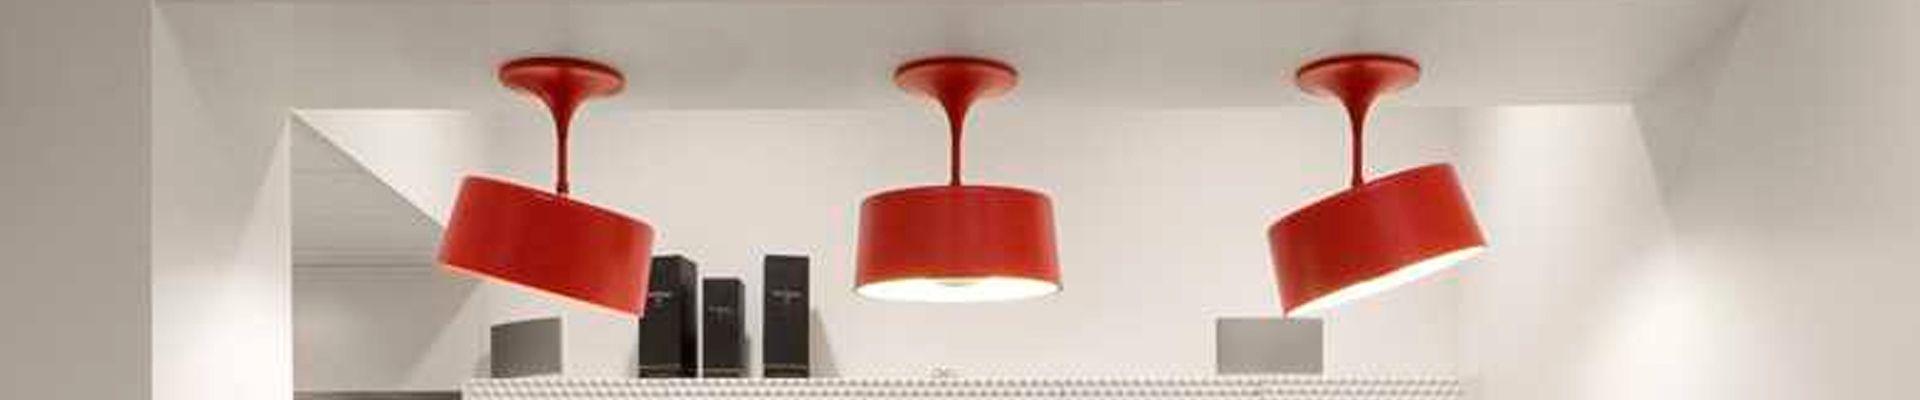 Zero hanglampen